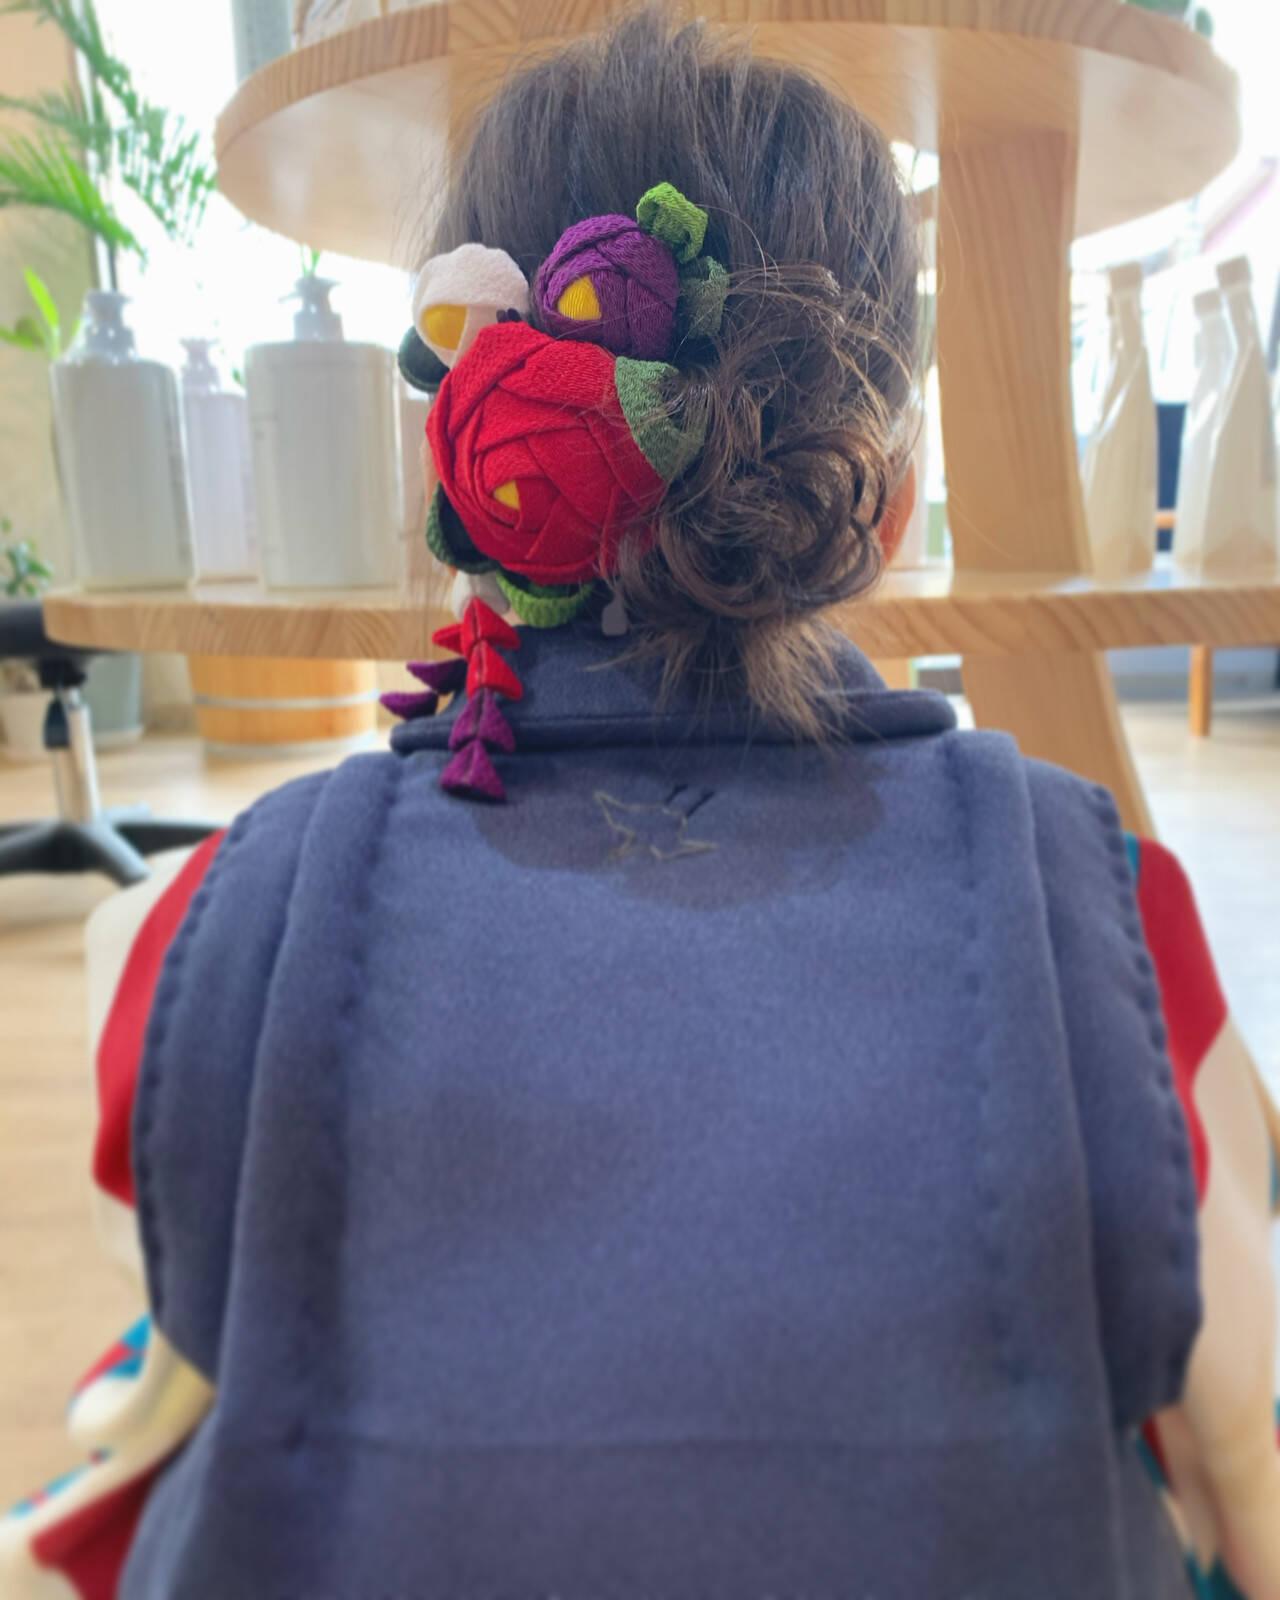 ミディアム 簡単ヘアアレンジ フェミニン セルフヘアアレンジヘアスタイルや髪型の写真・画像